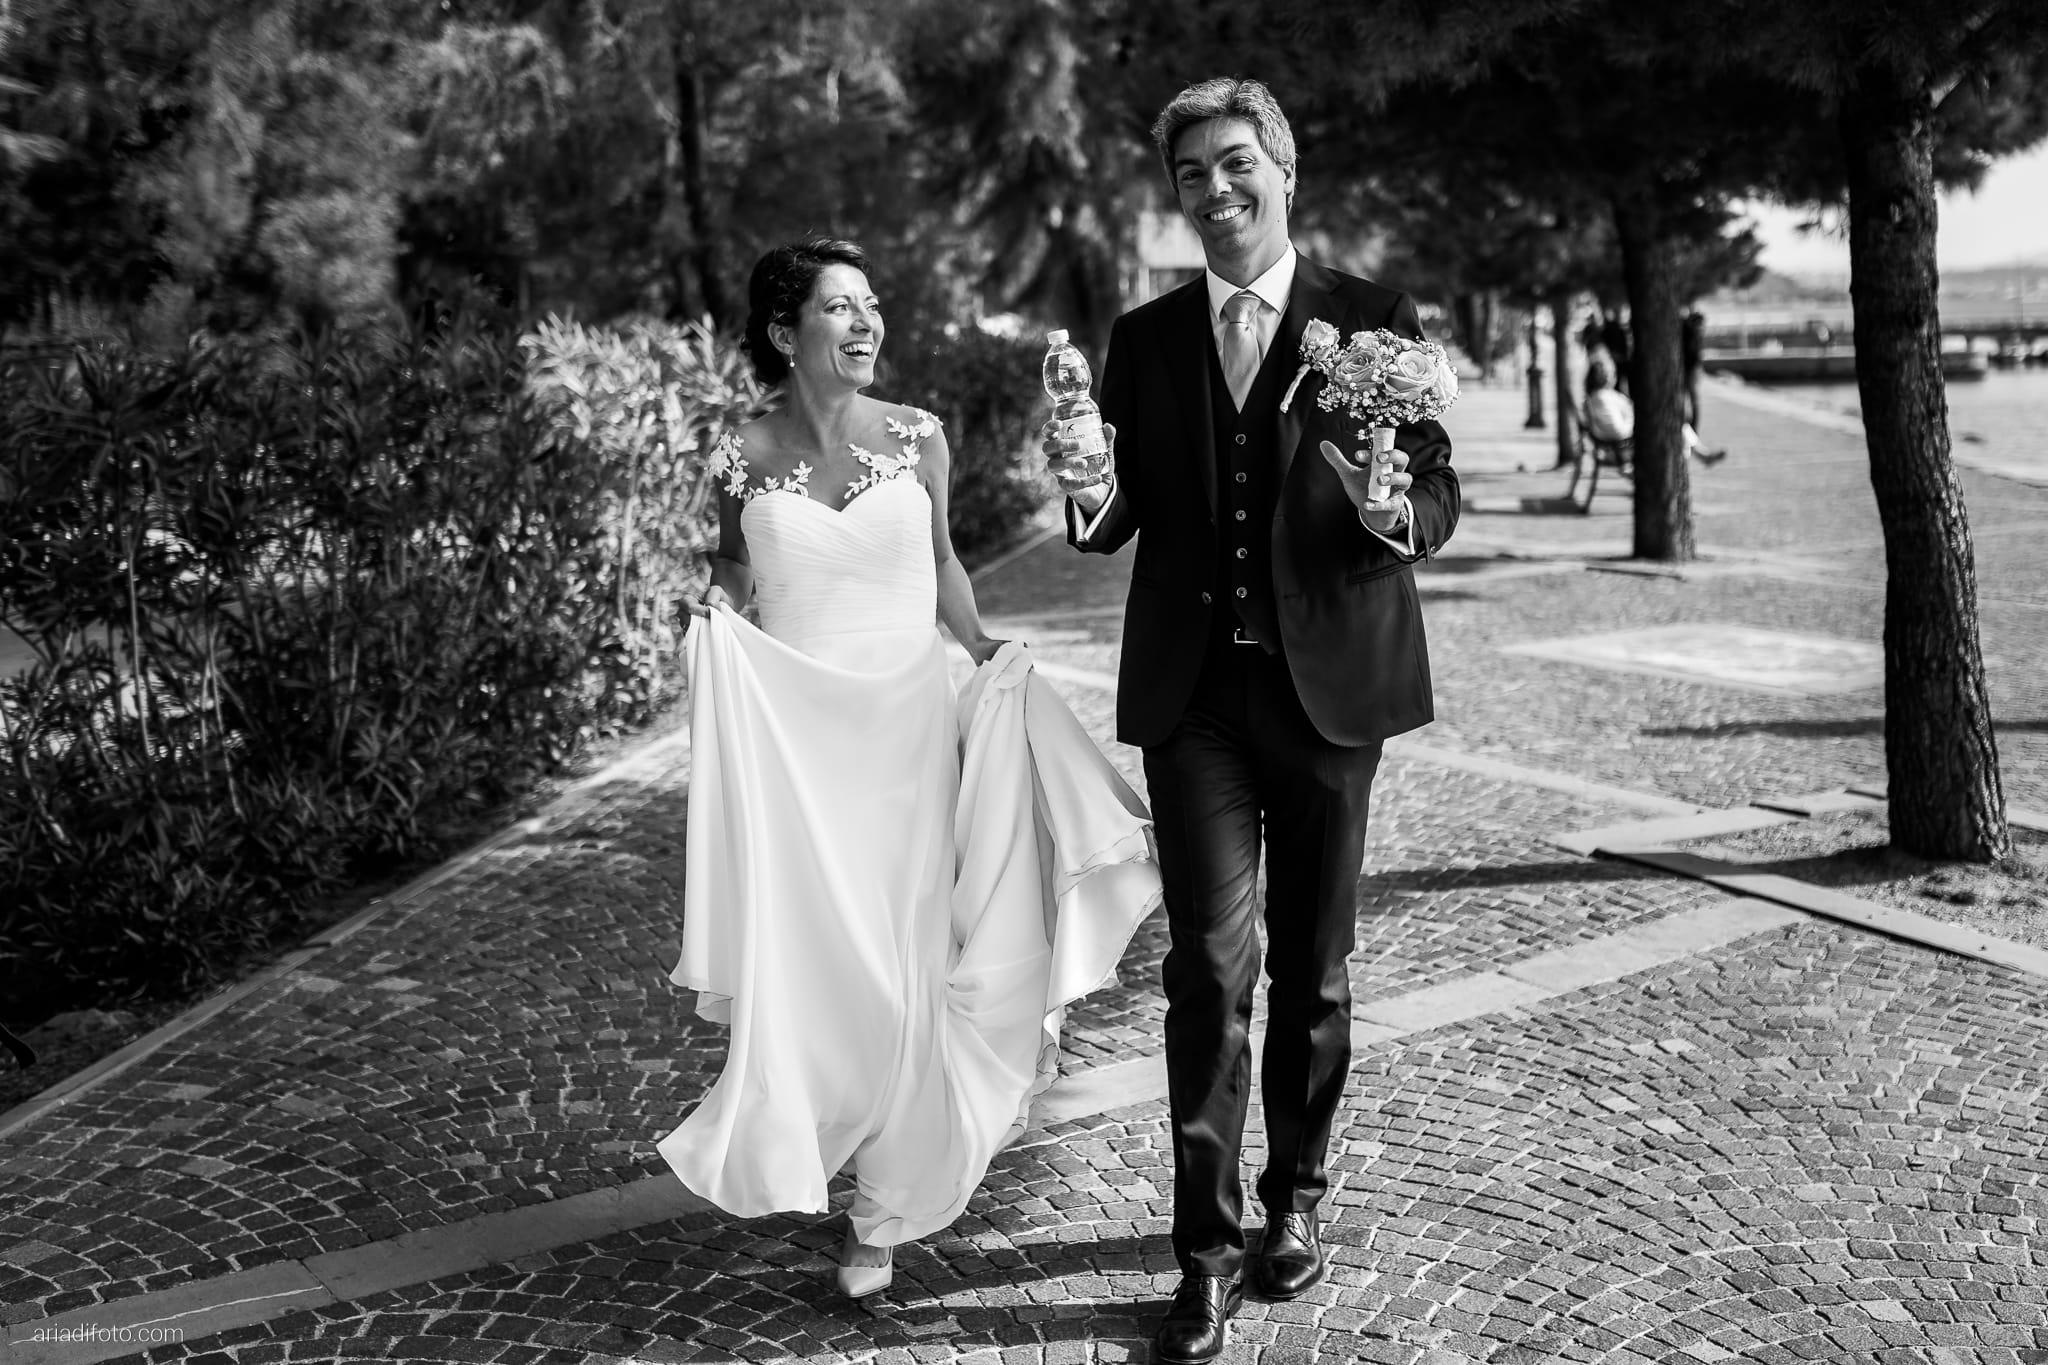 Tatiana Marco Matrimonio Trieste Baronesse Tacco San Floriano Collio Gorizia ritratti sposi Barcola